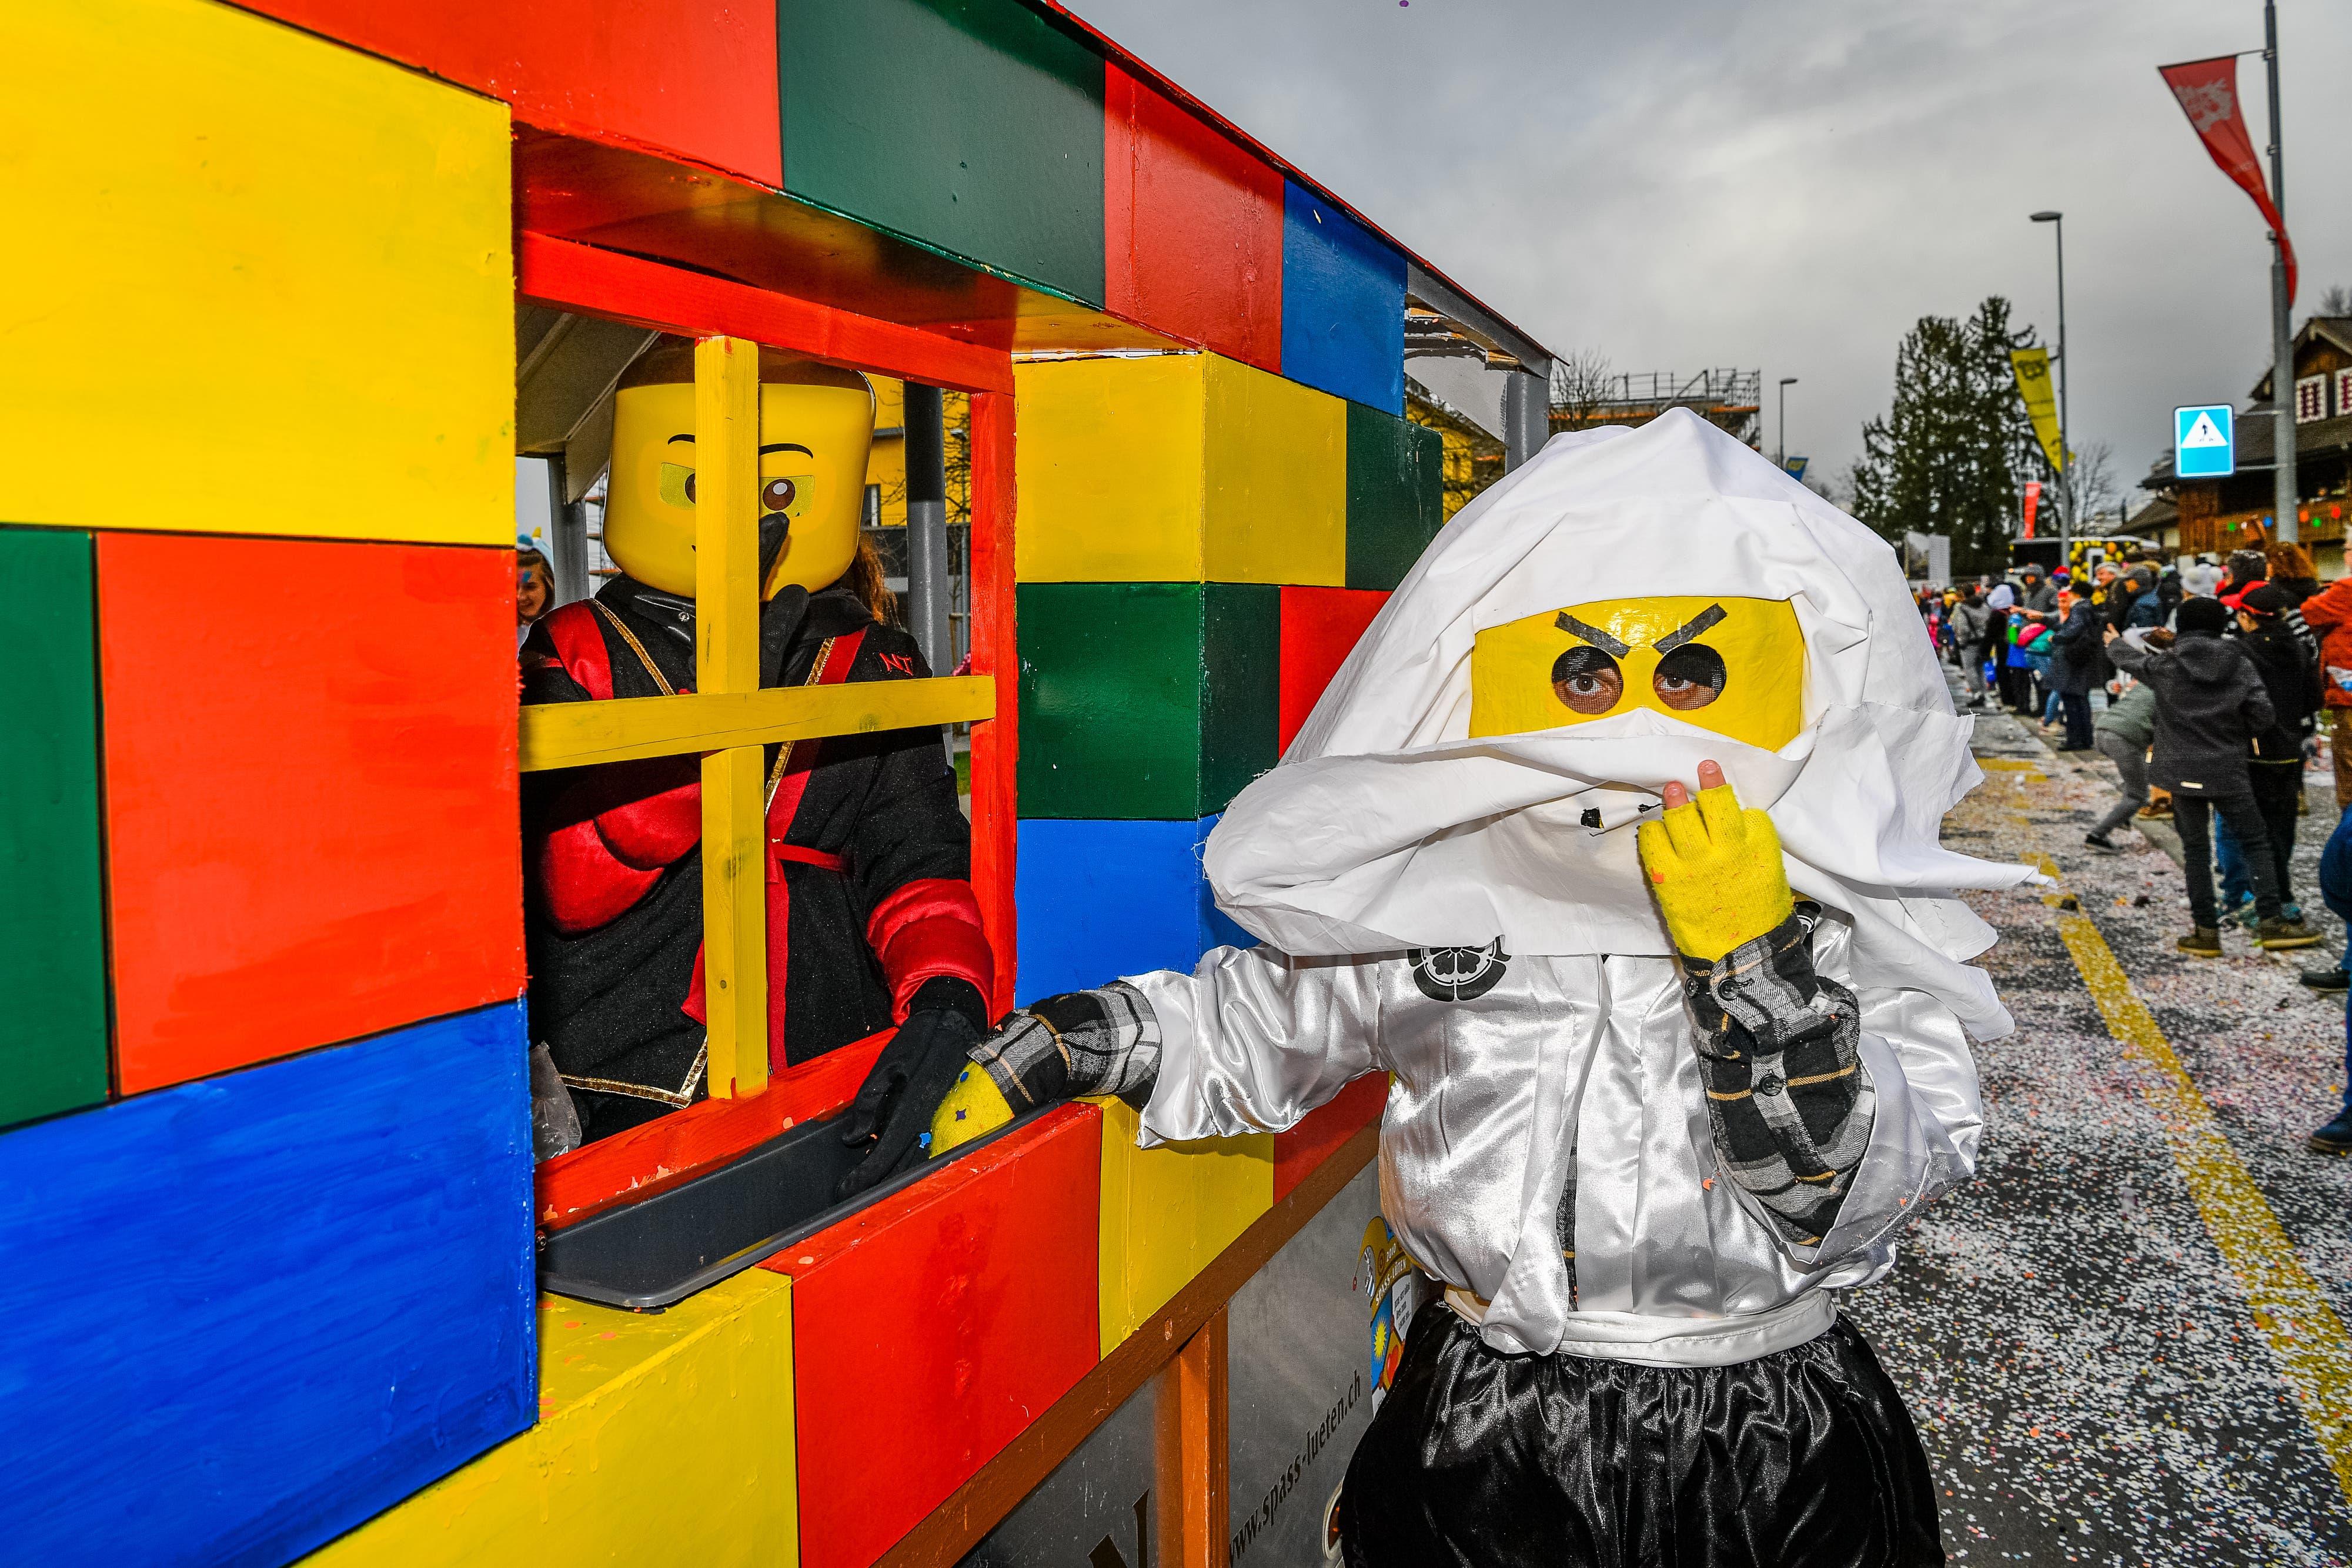 Das Jubiläum von Lego wurde in einem grossen Wagen ebenfalls thematisiert.